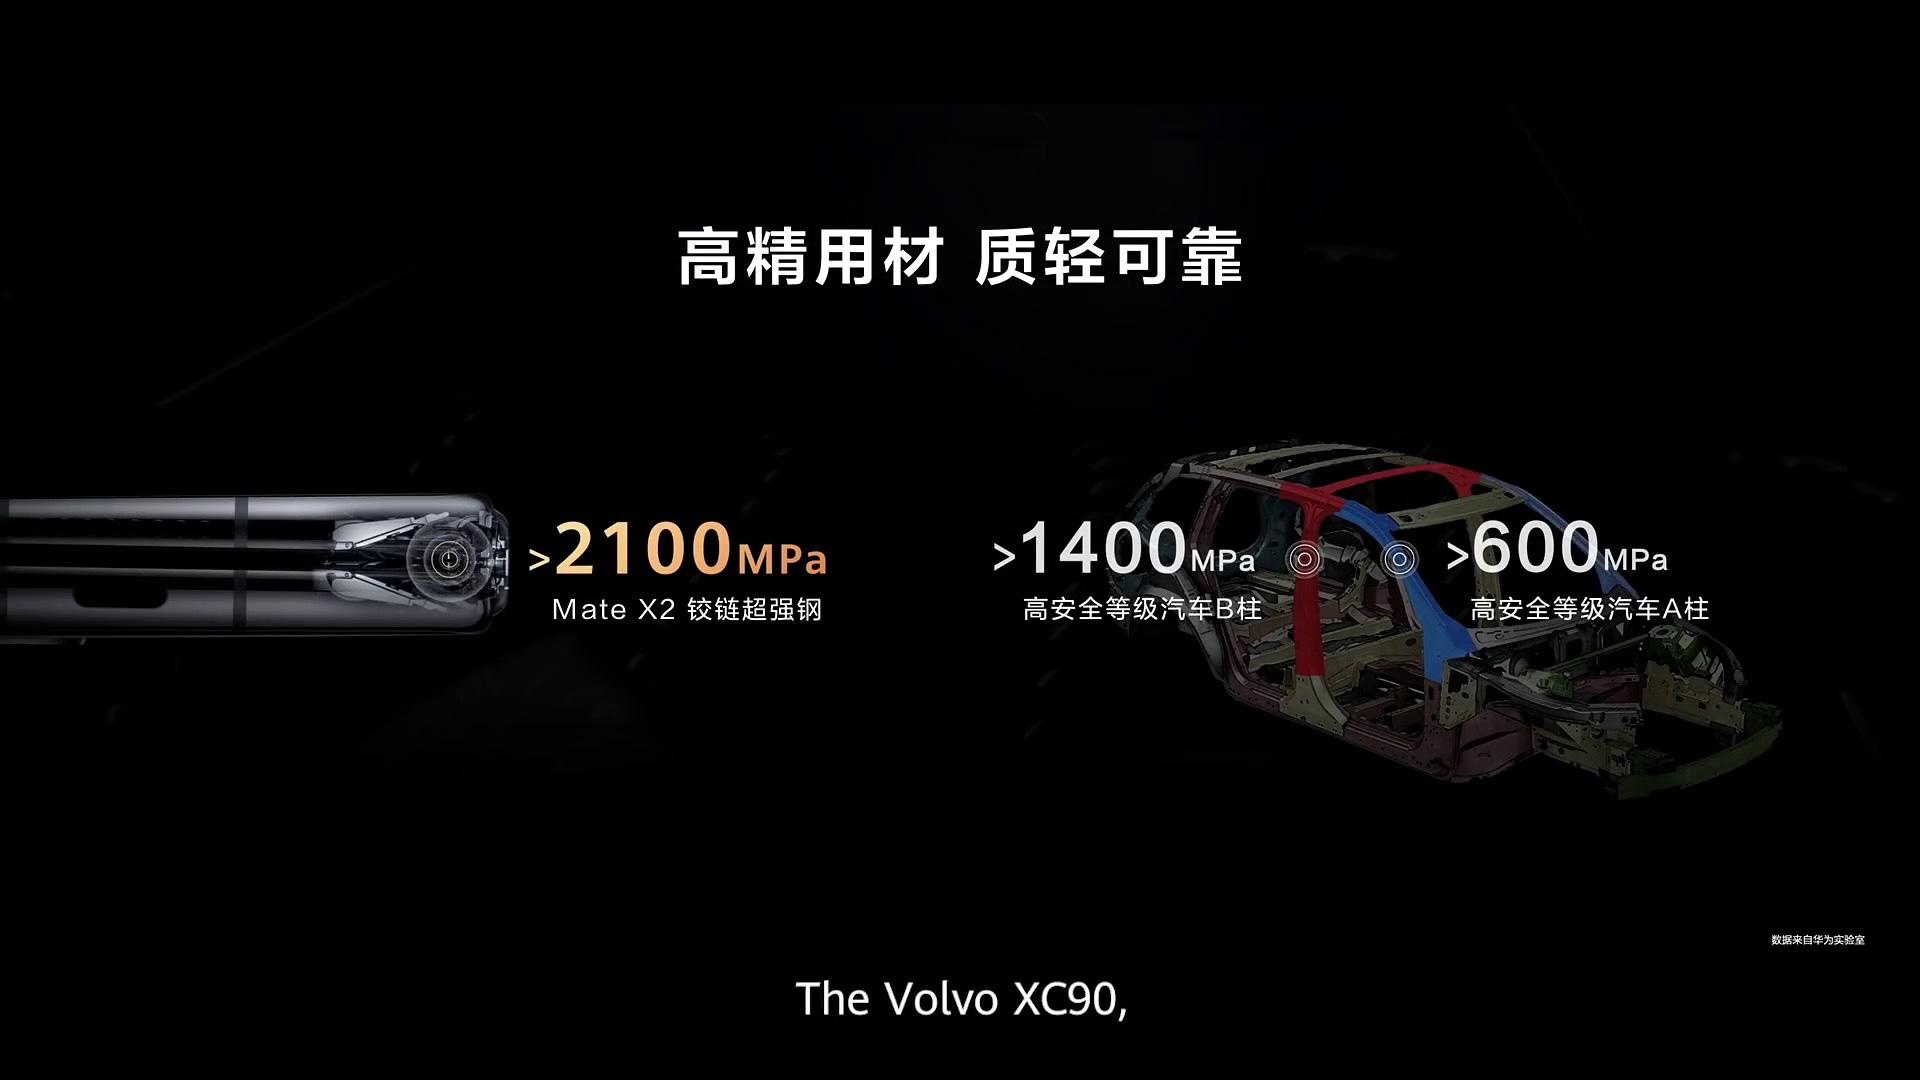 Huawei nói smartphone của mình tốt hơn Z Fold2, iPhone 12 Pro Max, Pro Display XDR, Volvo XC90... như thế nào? - Ảnh 9.